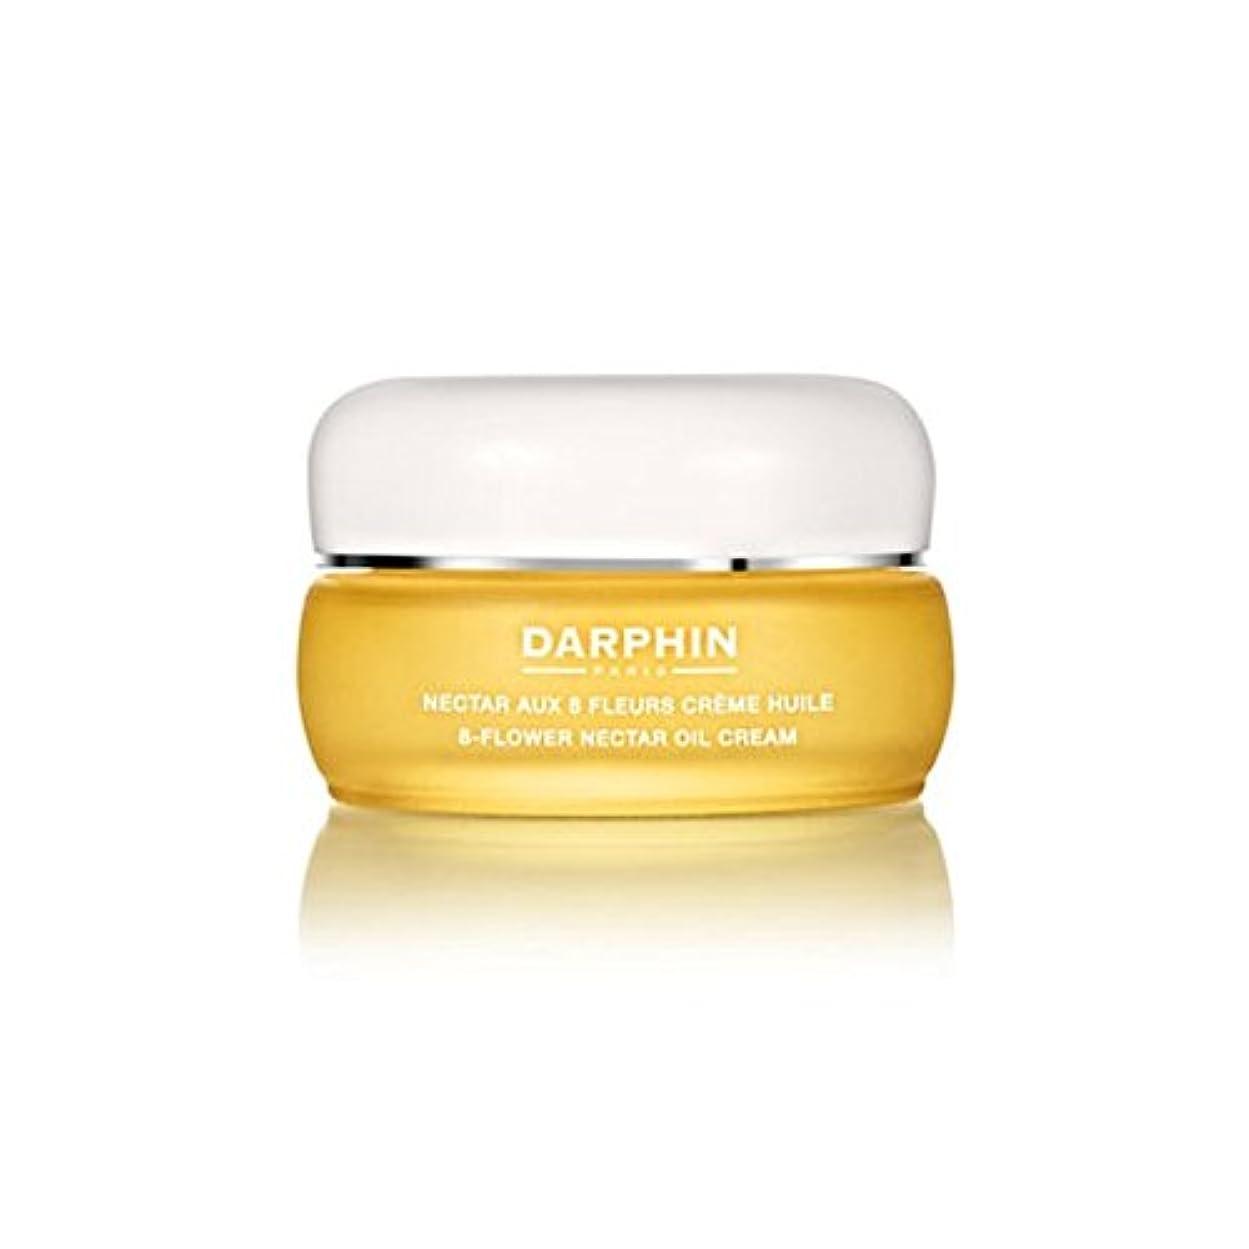 慣らす安心付録ダルファン8フラワー油クリーム(30ミリリットル) x2 - Darphin 8-Flower Oil Cream (30ml) (Pack of 2) [並行輸入品]